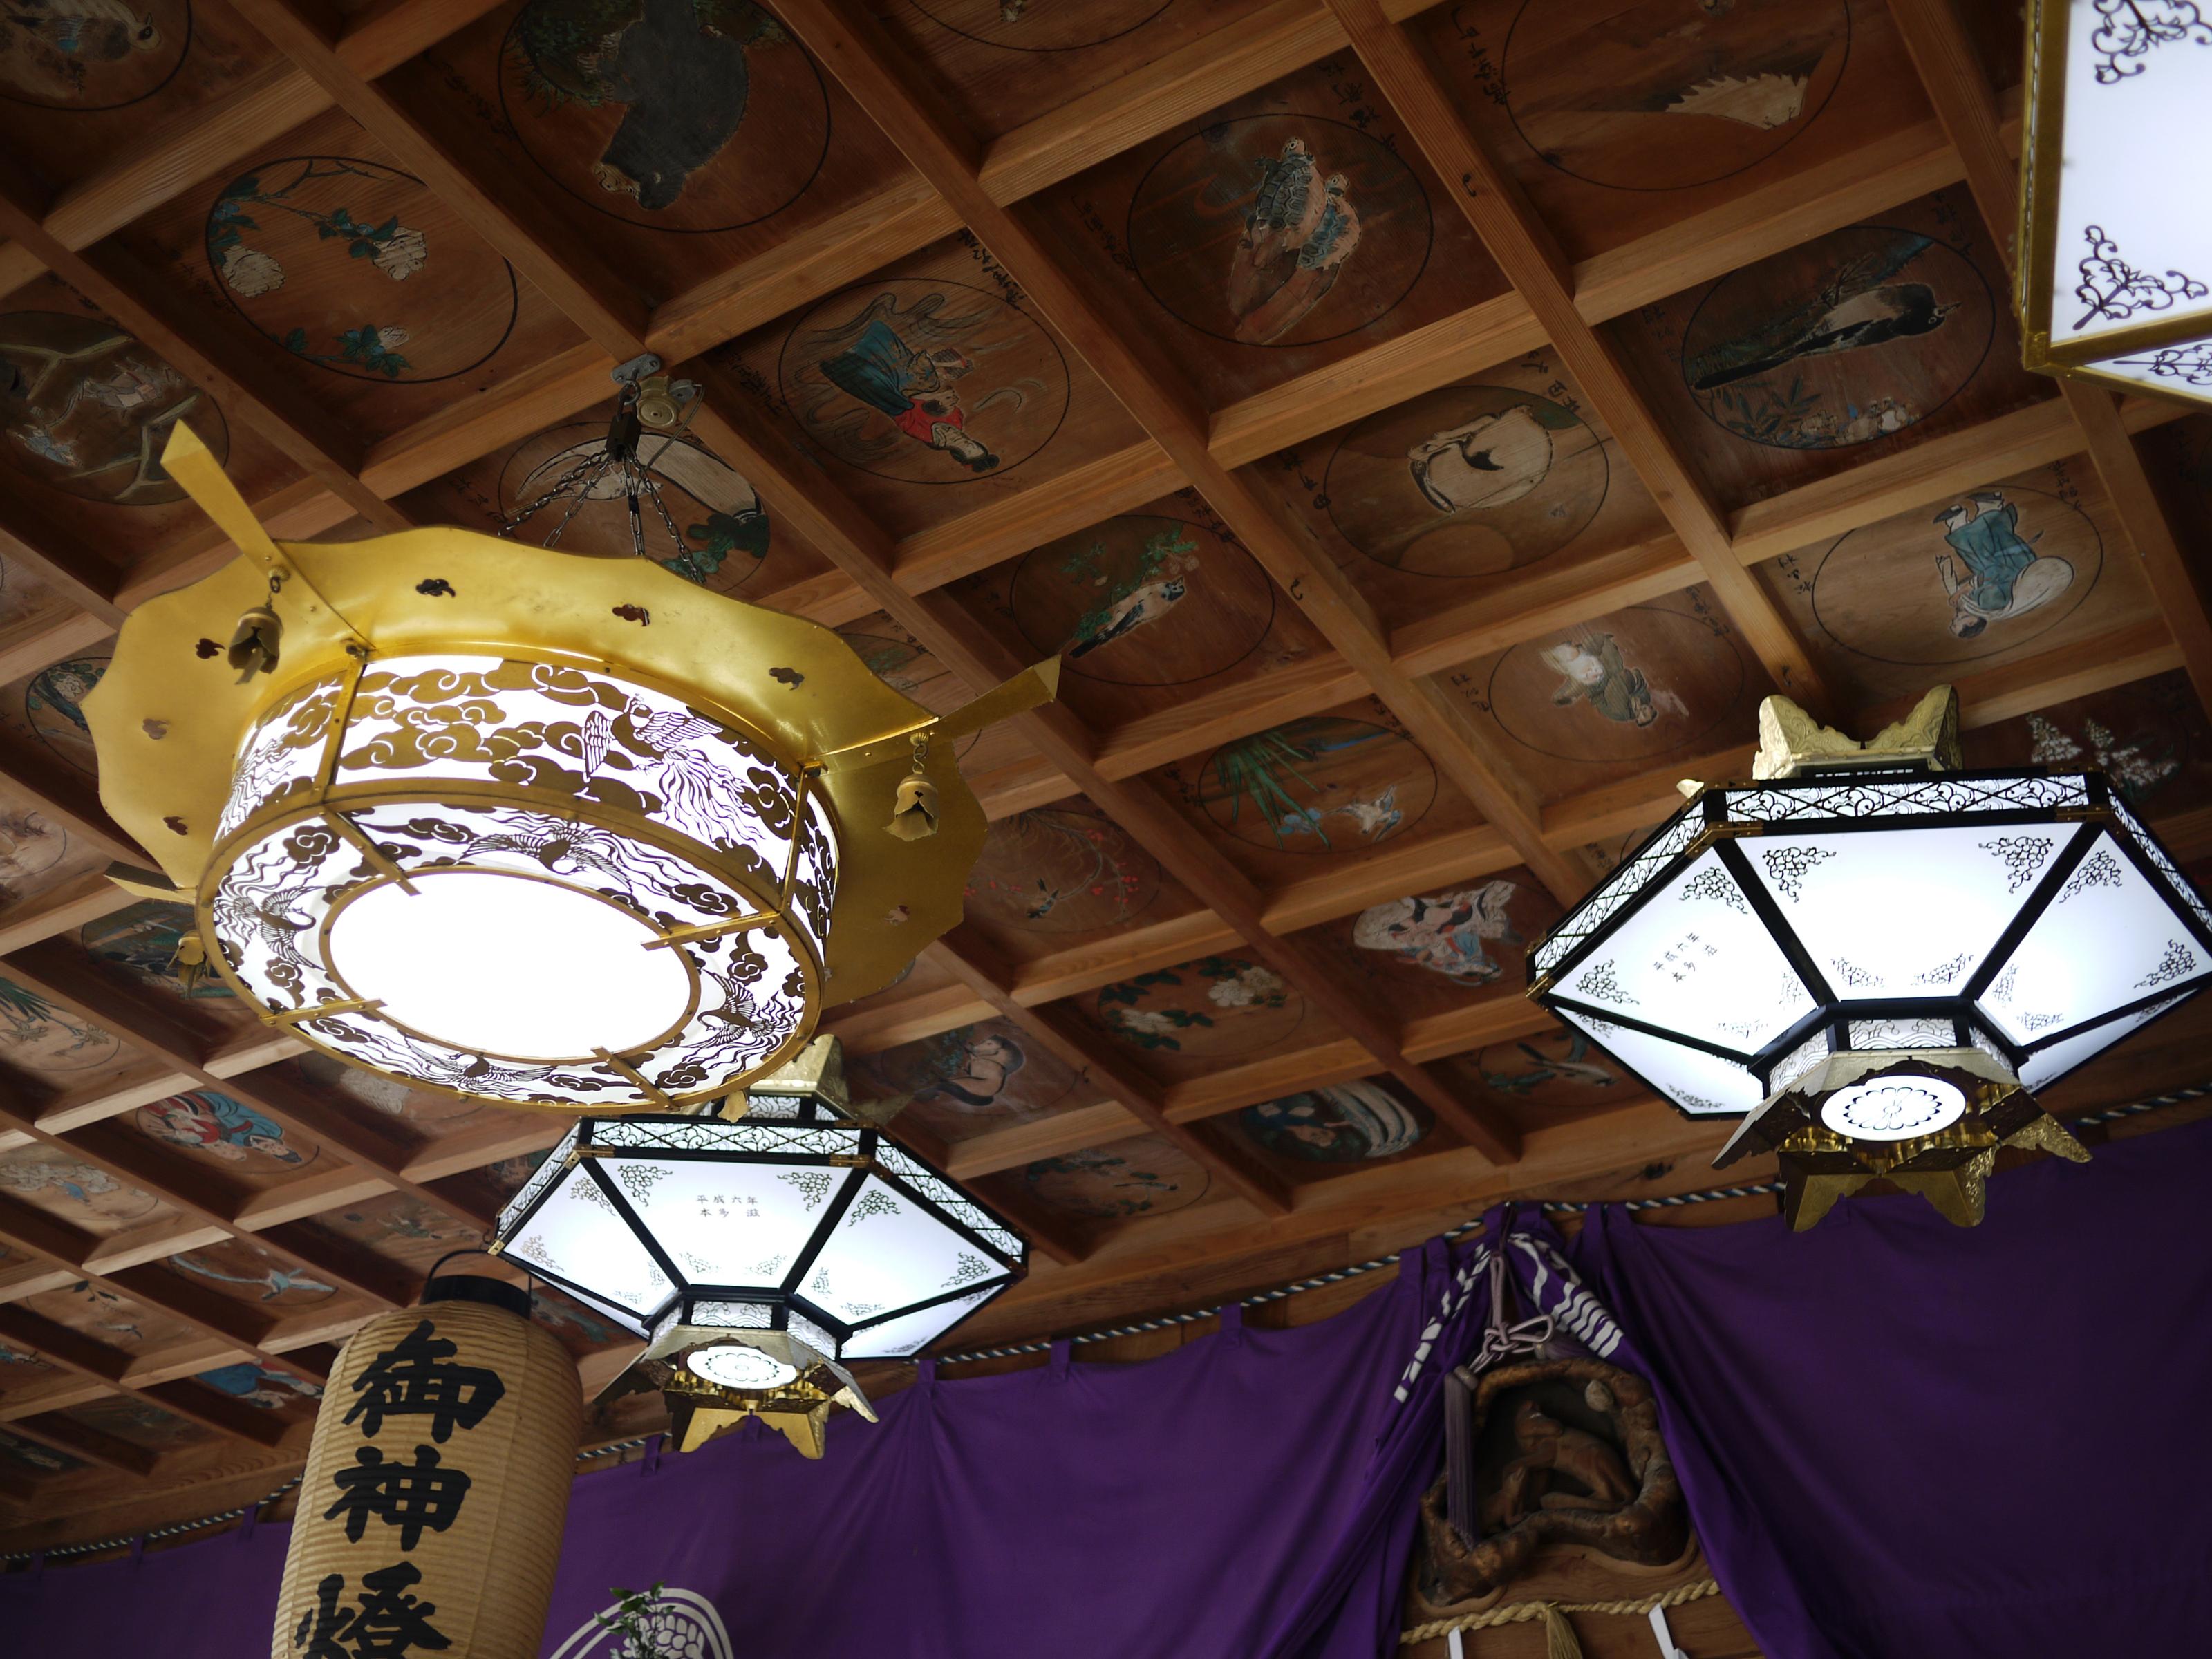 拝殿の天井画は明治時代に地元住民が奉納。ユニークな絵が参拝者を楽しませてくれます。